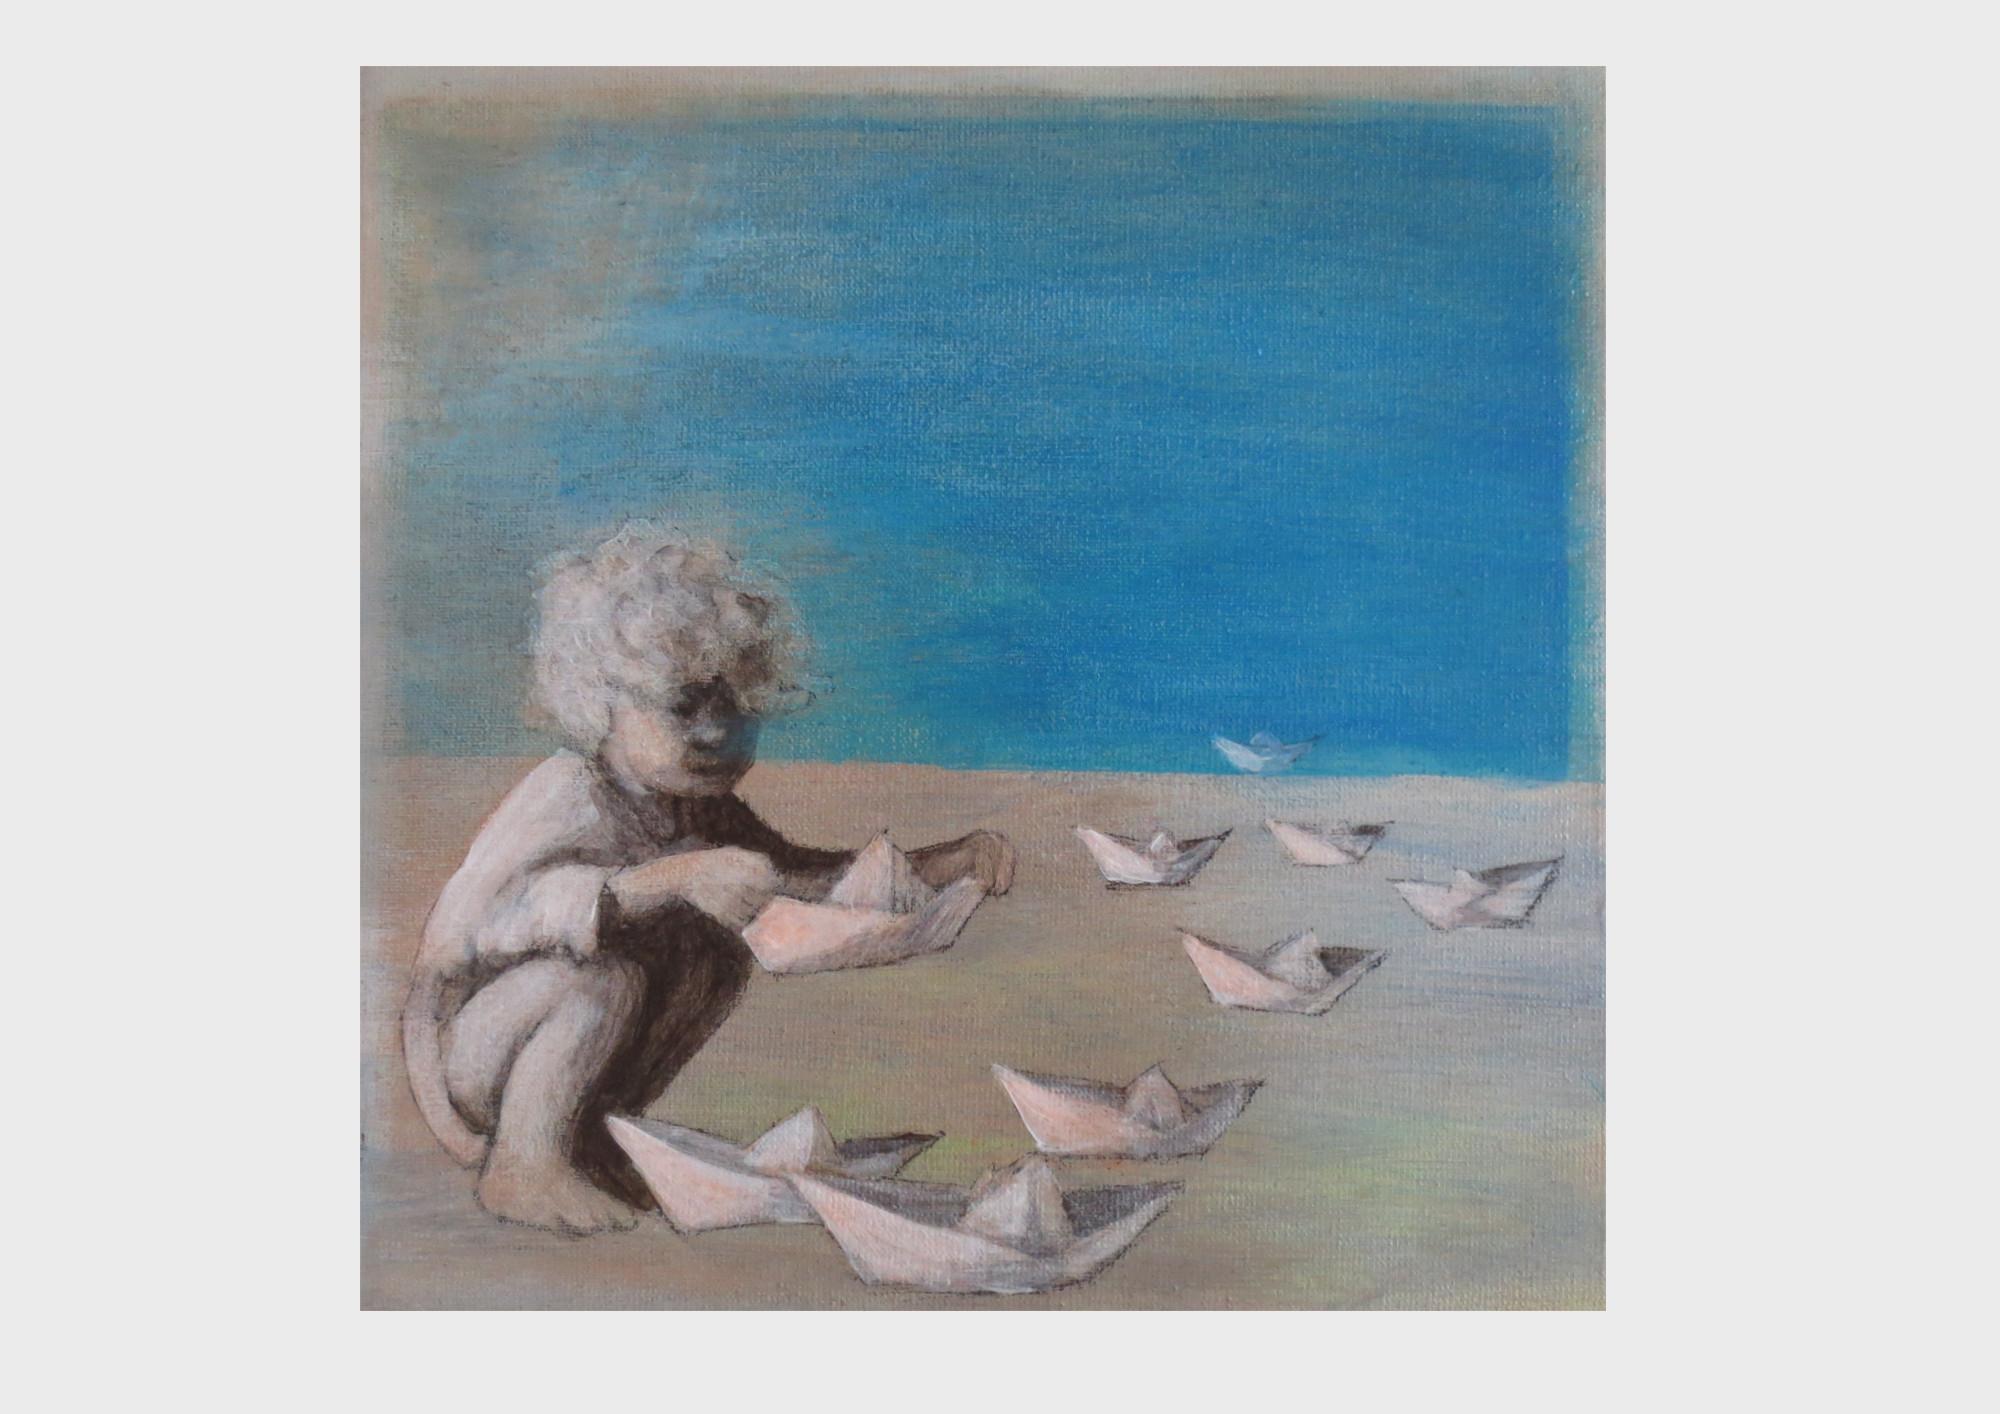 Am Meer sitzt ein Kind mit blonden Locken, im Hemdchen, in der Hocke und faltet Papierschiffe. Acrylbild in lichtblau und Cyan, mit weißen Schiffchen aus Papier. Die kleinen Schiffe segel, gleiten, treiben und fliegen.